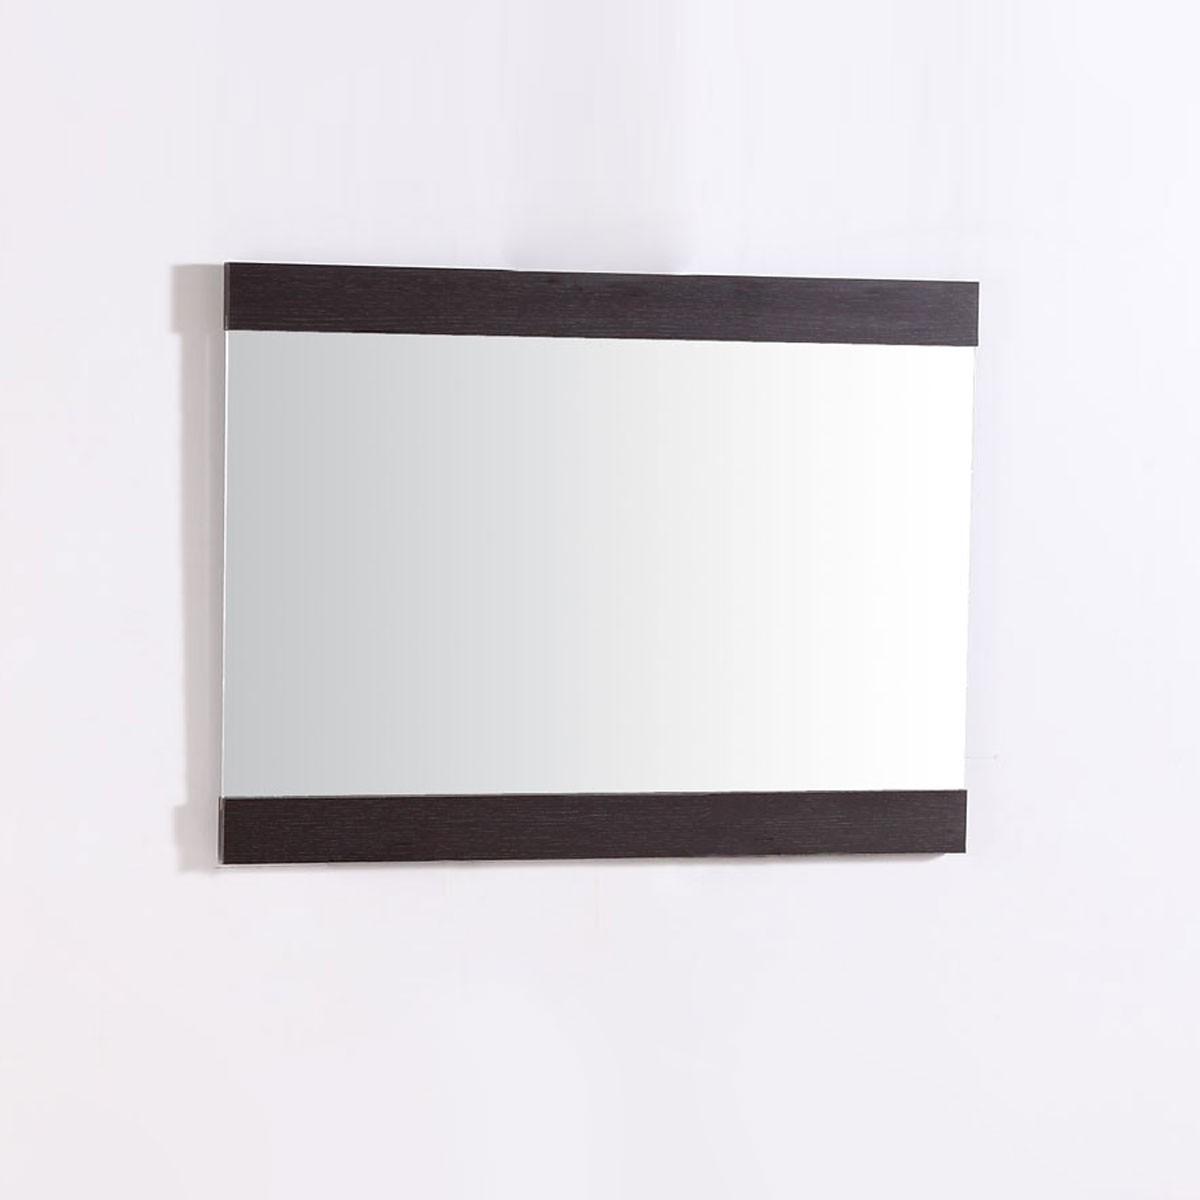 32 x 24 po Miroir pour Meuble Salle de Bain (DK-TH9021D-M)